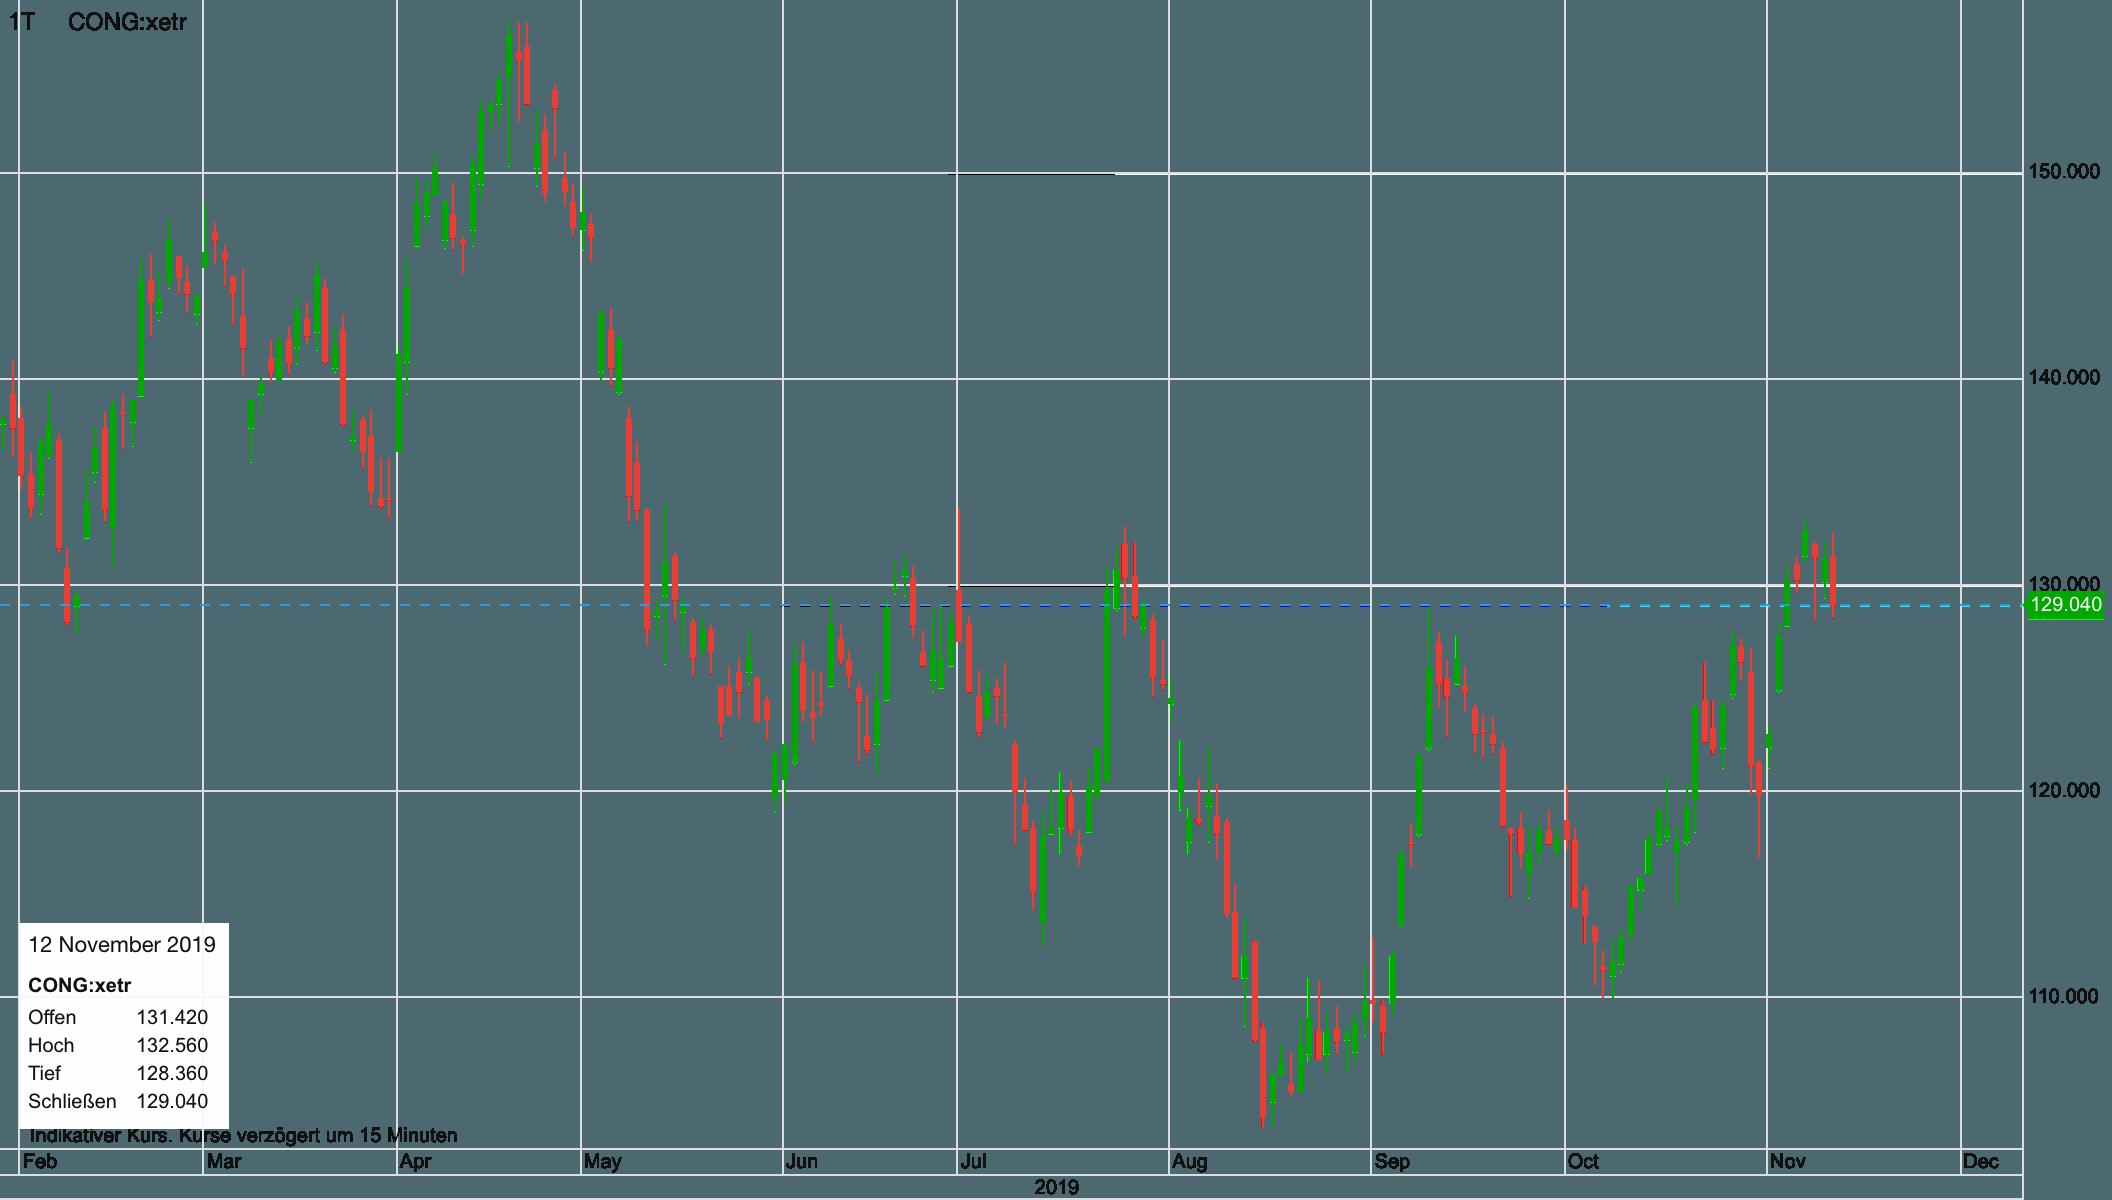 Continental Aktie in den letzten 12 Monaten